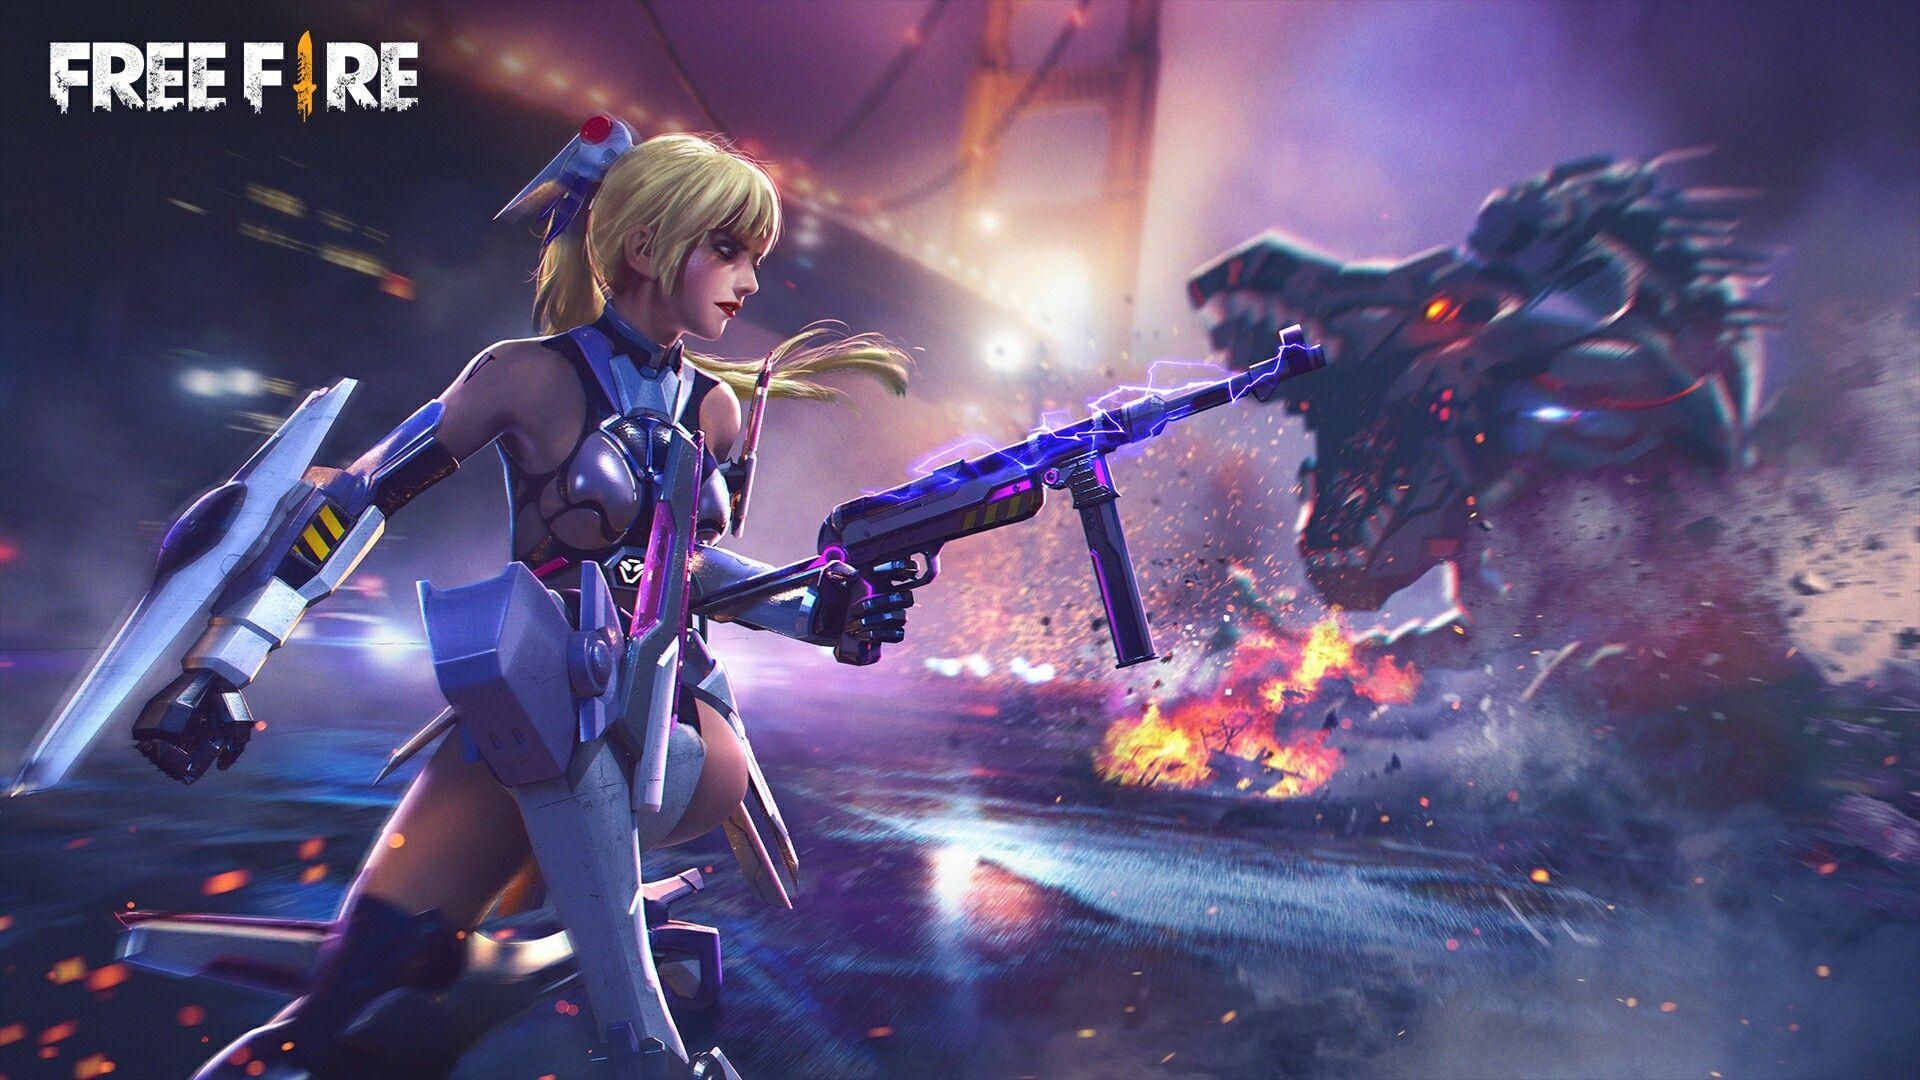 Battle Angel ff Ảnh tường cho điện thoại, Hình nền game